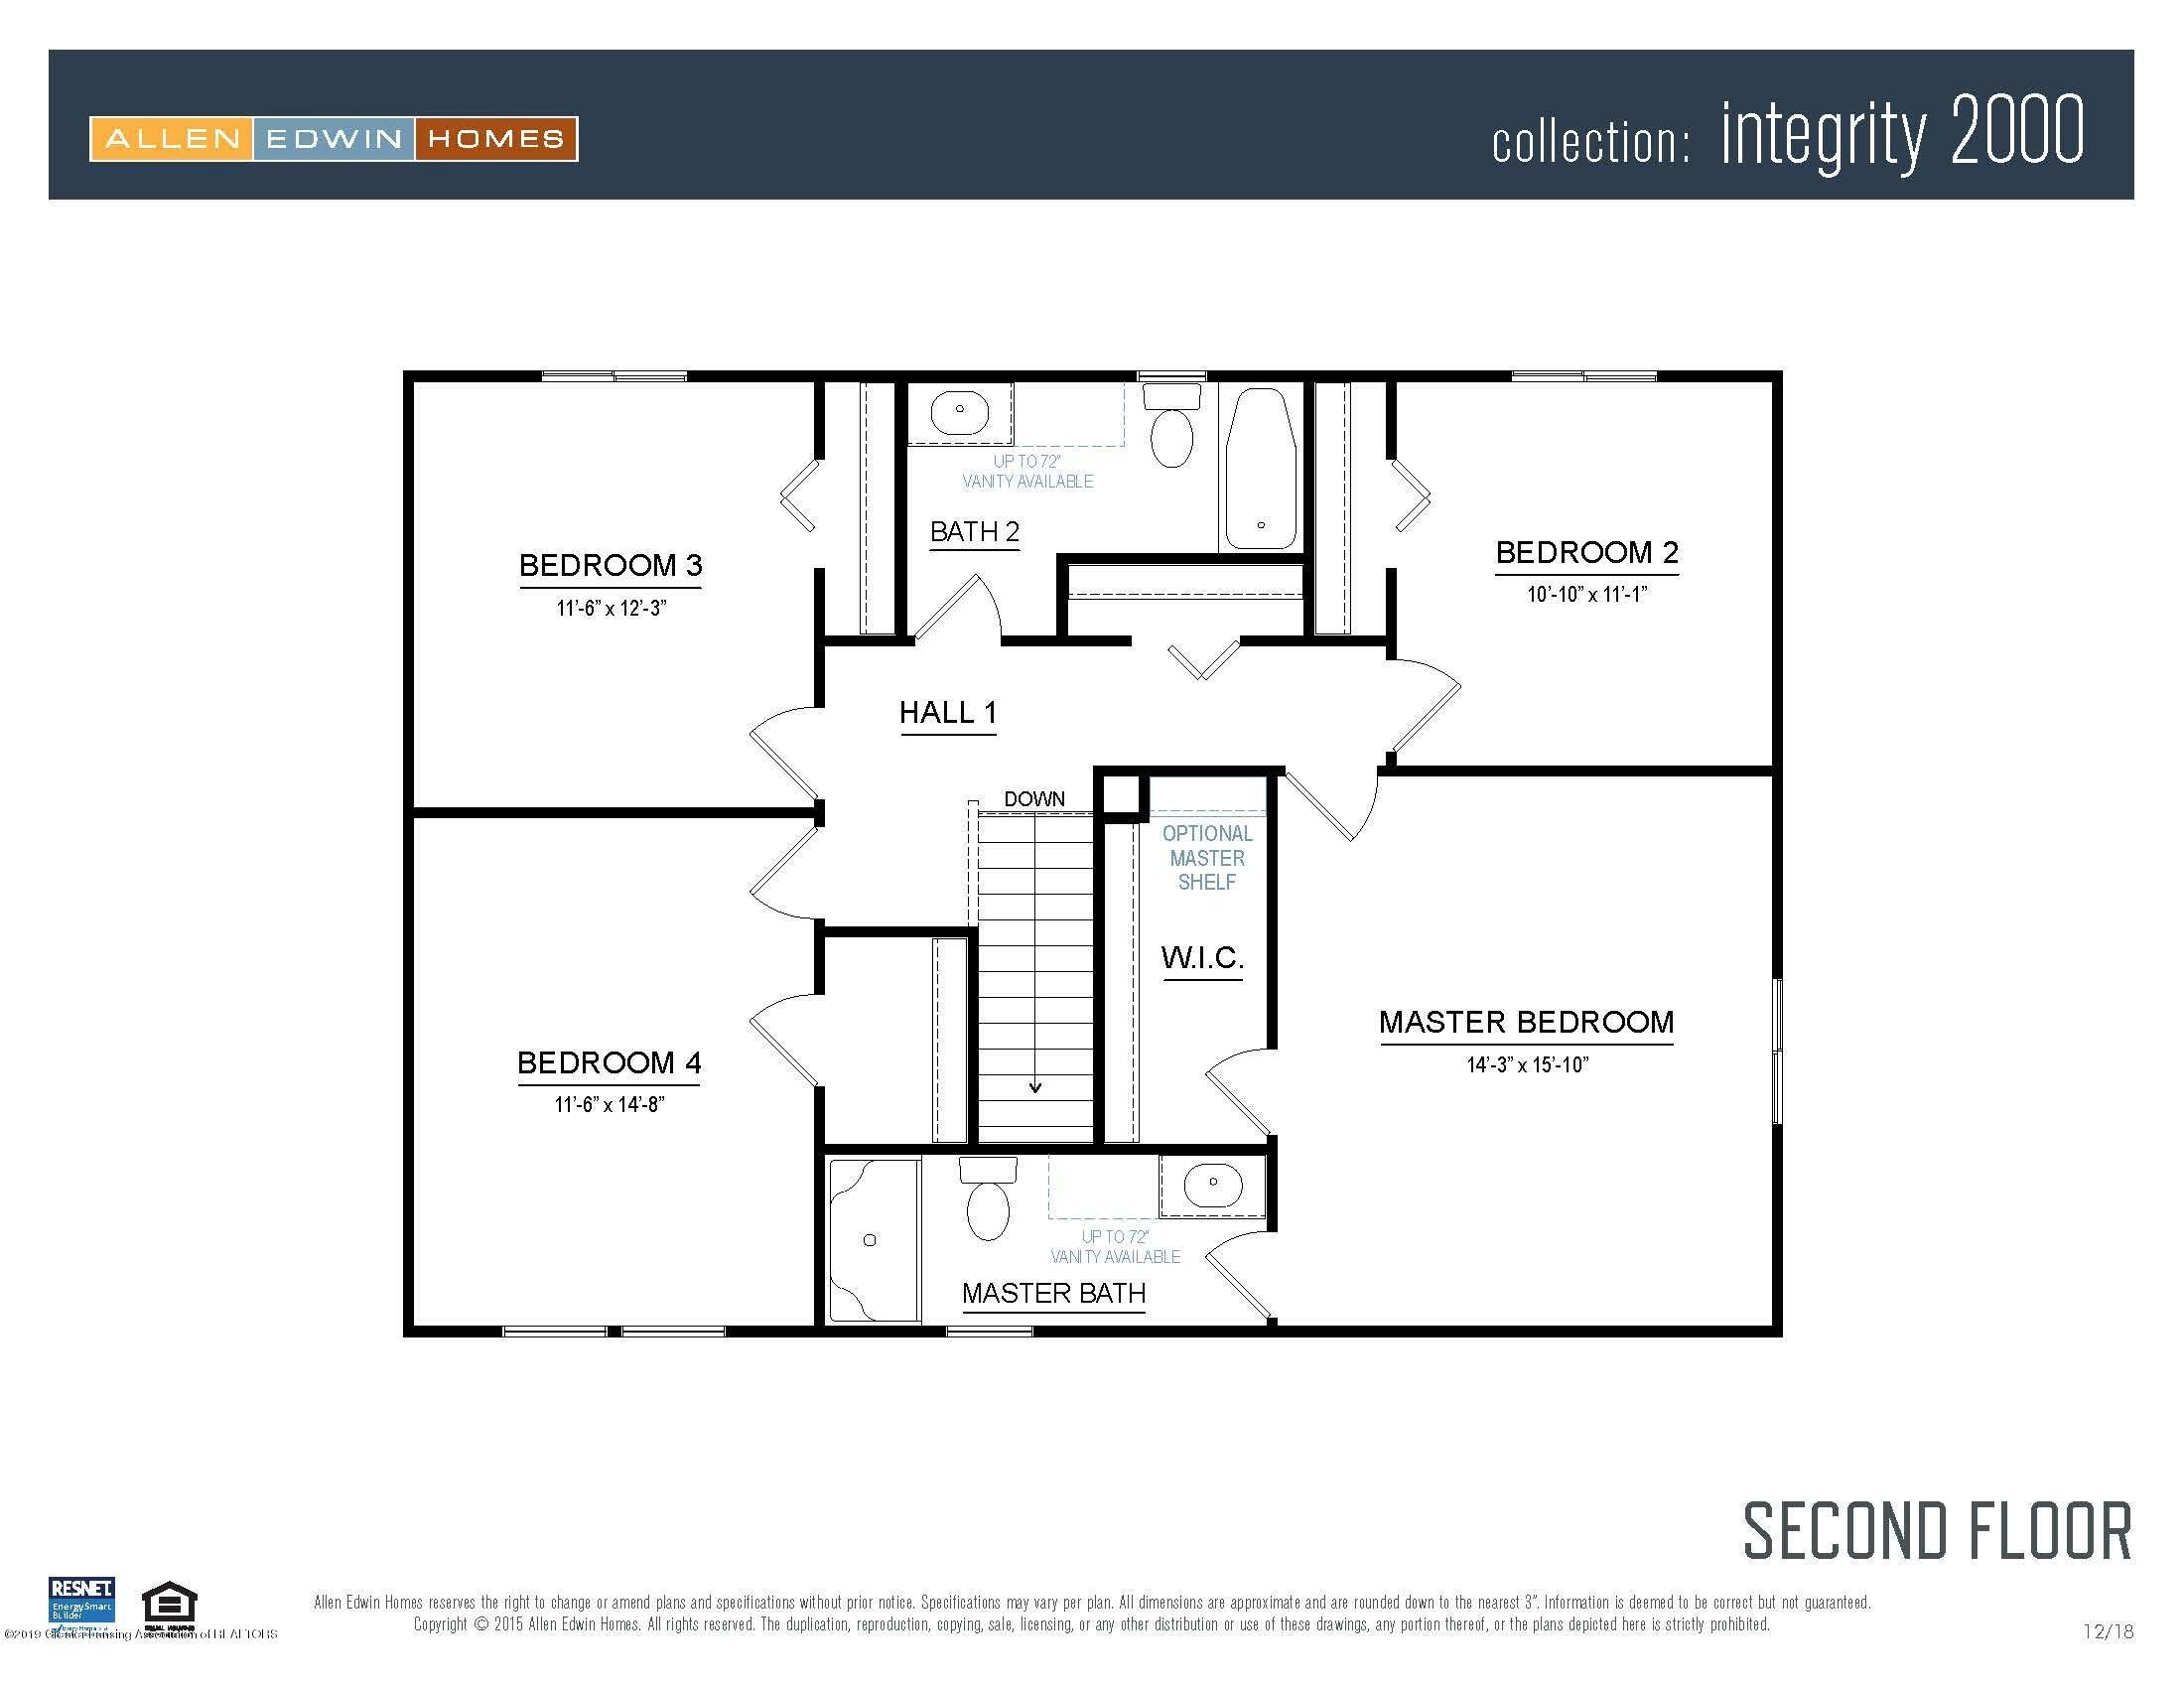 1112 River Oaks Dr - Integrity 2000 V8.0a Second Floor - 21